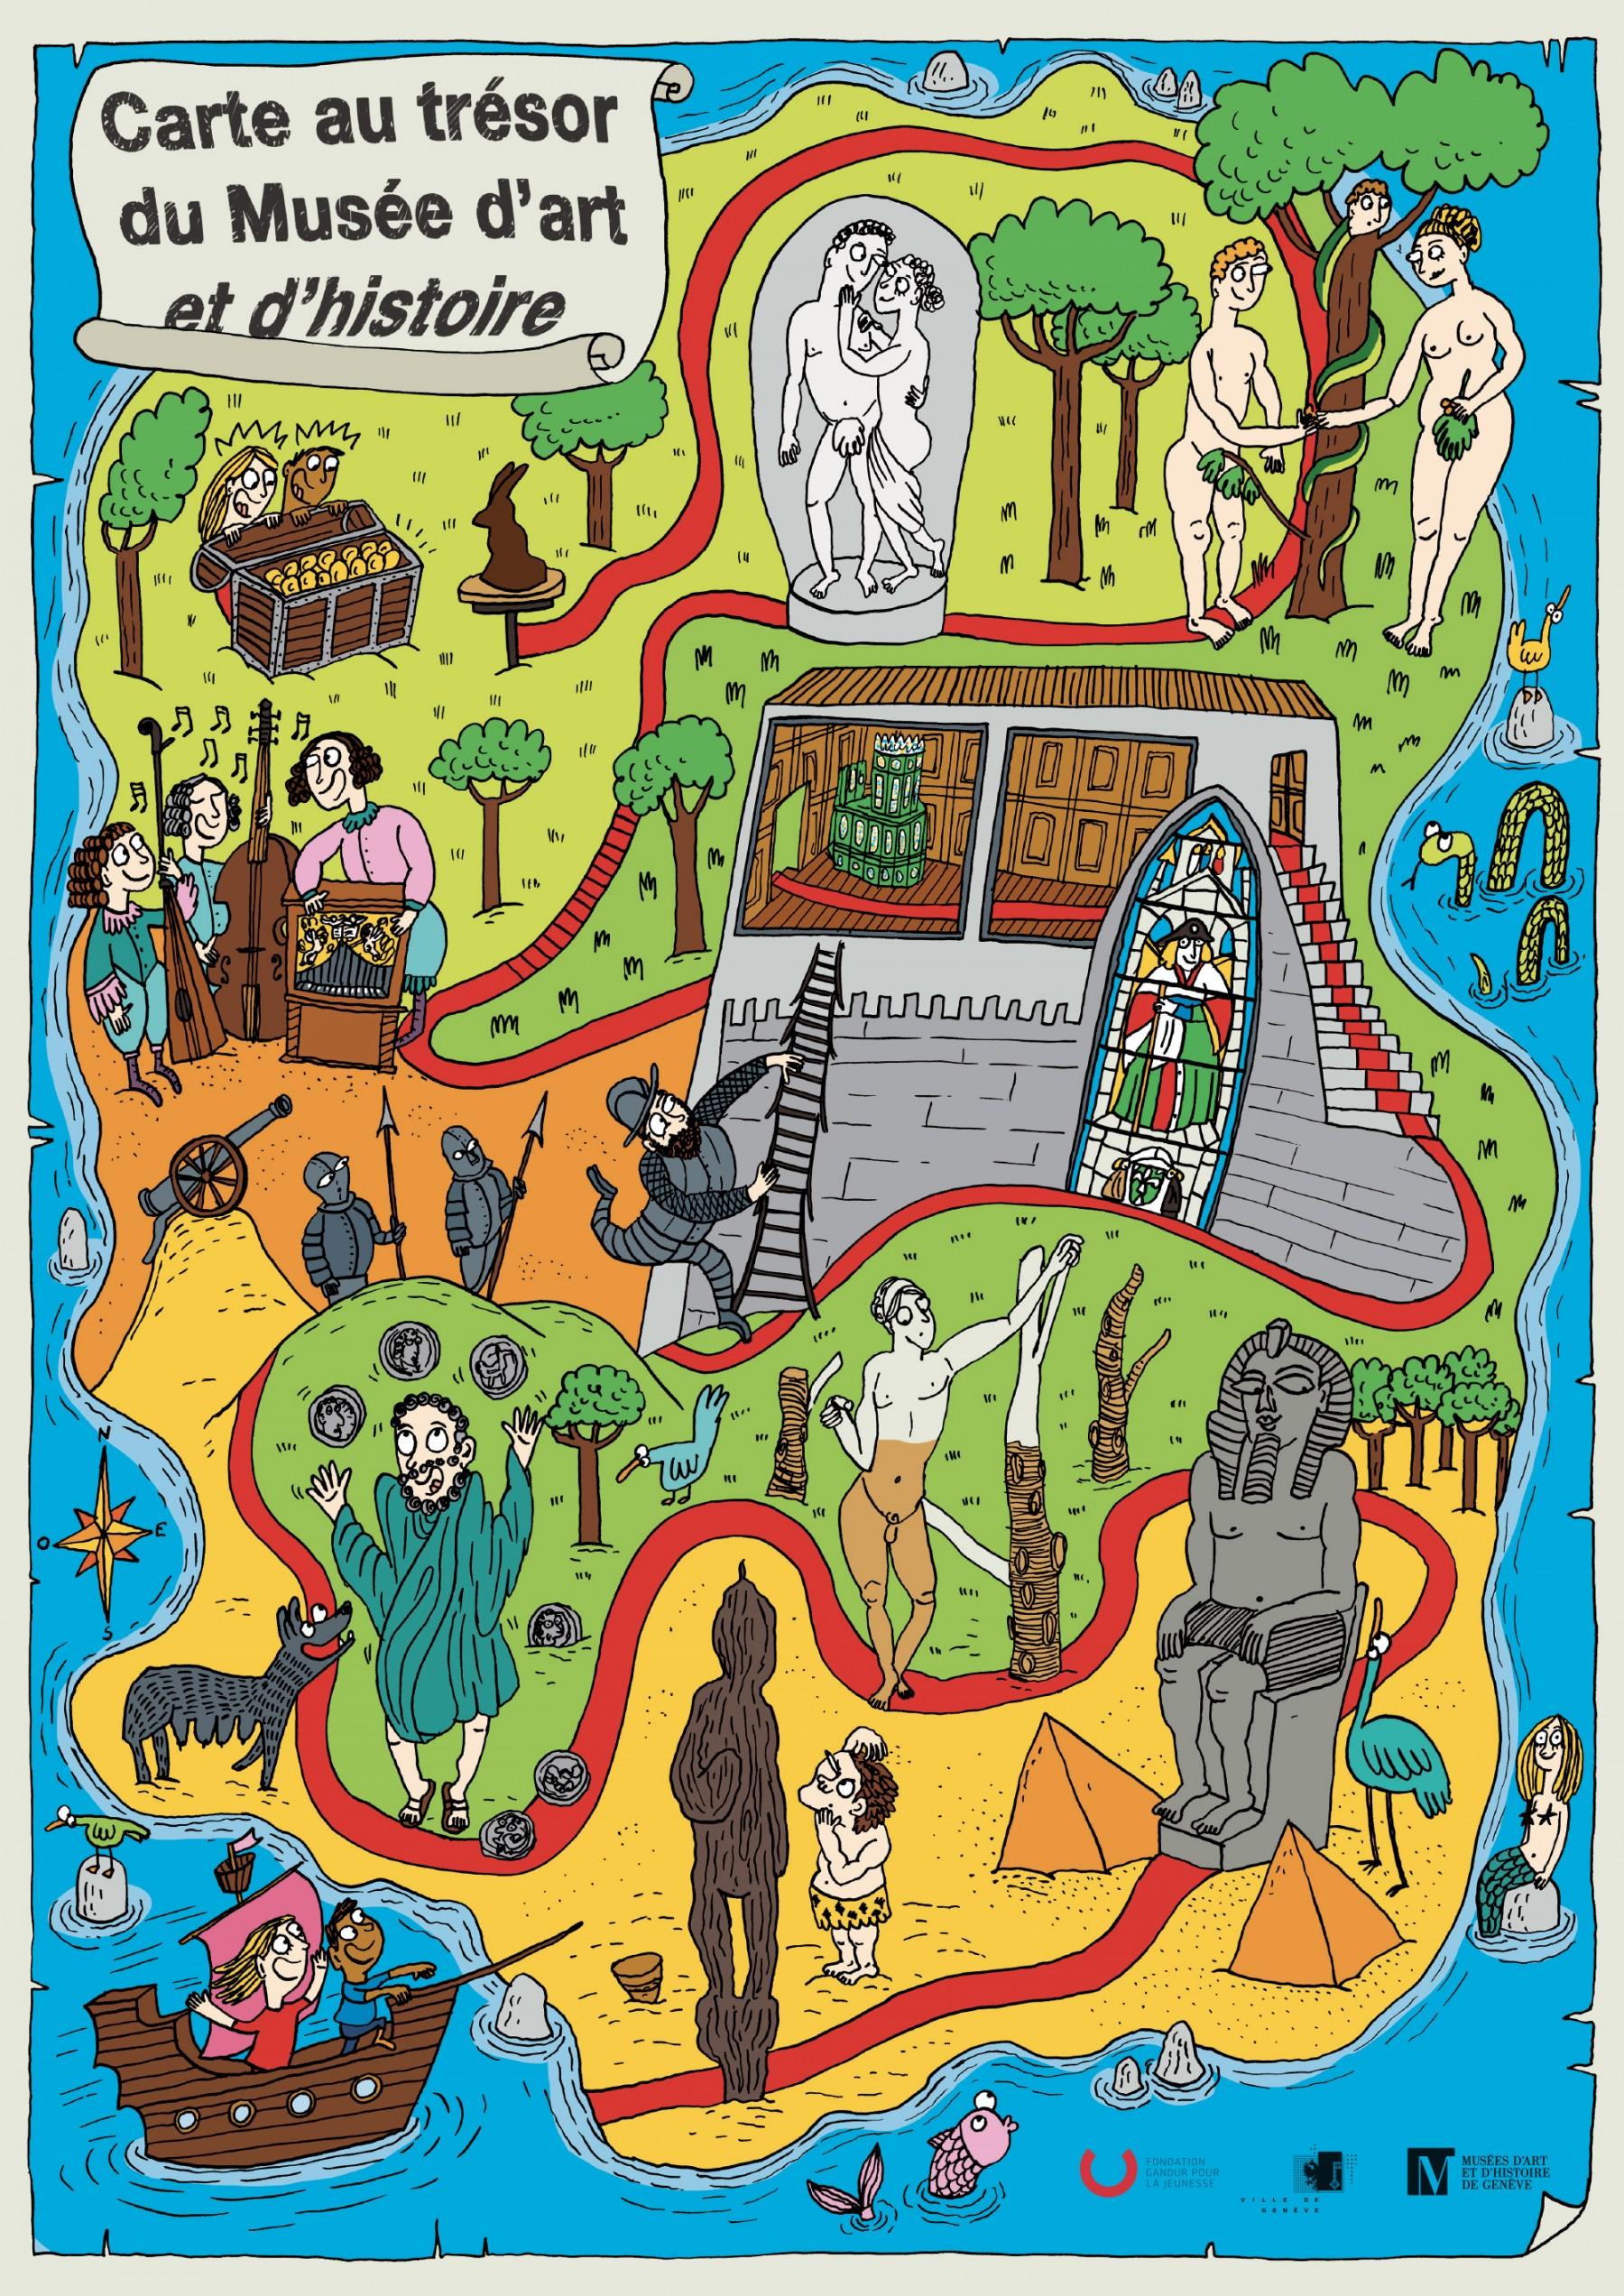 Carte Au Tresor Histoire.Carte Au Tresor Du Musee D Art Et D Histoire Adrienne Barman